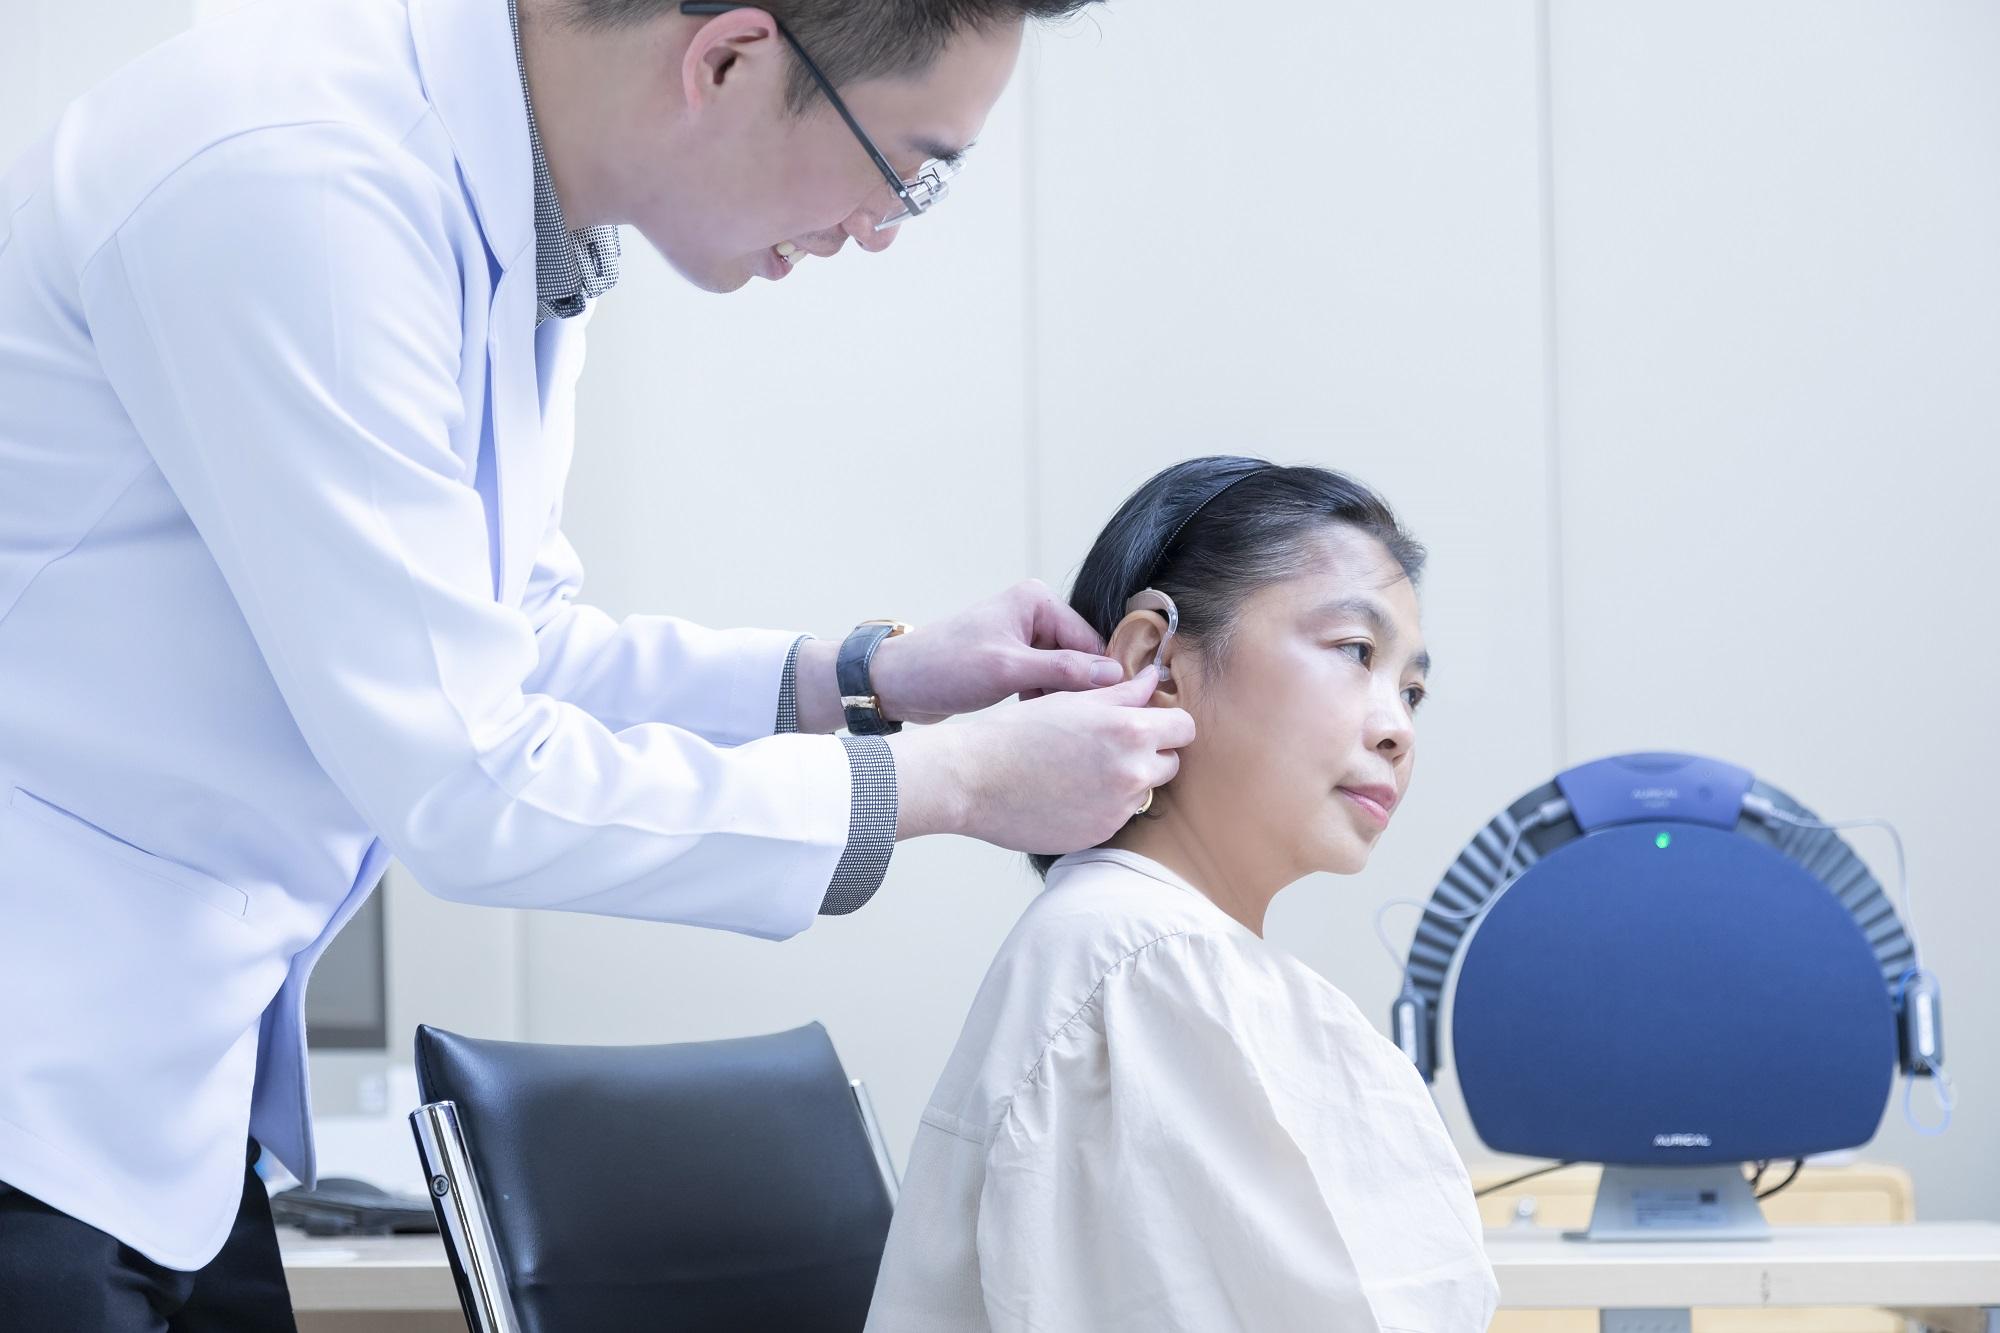 ศูนย์หู คอ จมูก โรงพยาบาลศิริราช ปิยมหาราชการุณย์